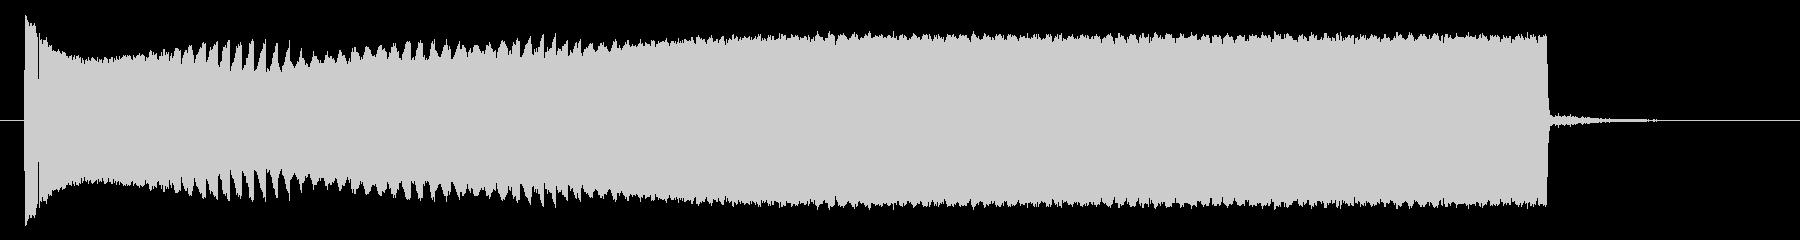 キュルル/チャージ/ビーム_03の未再生の波形